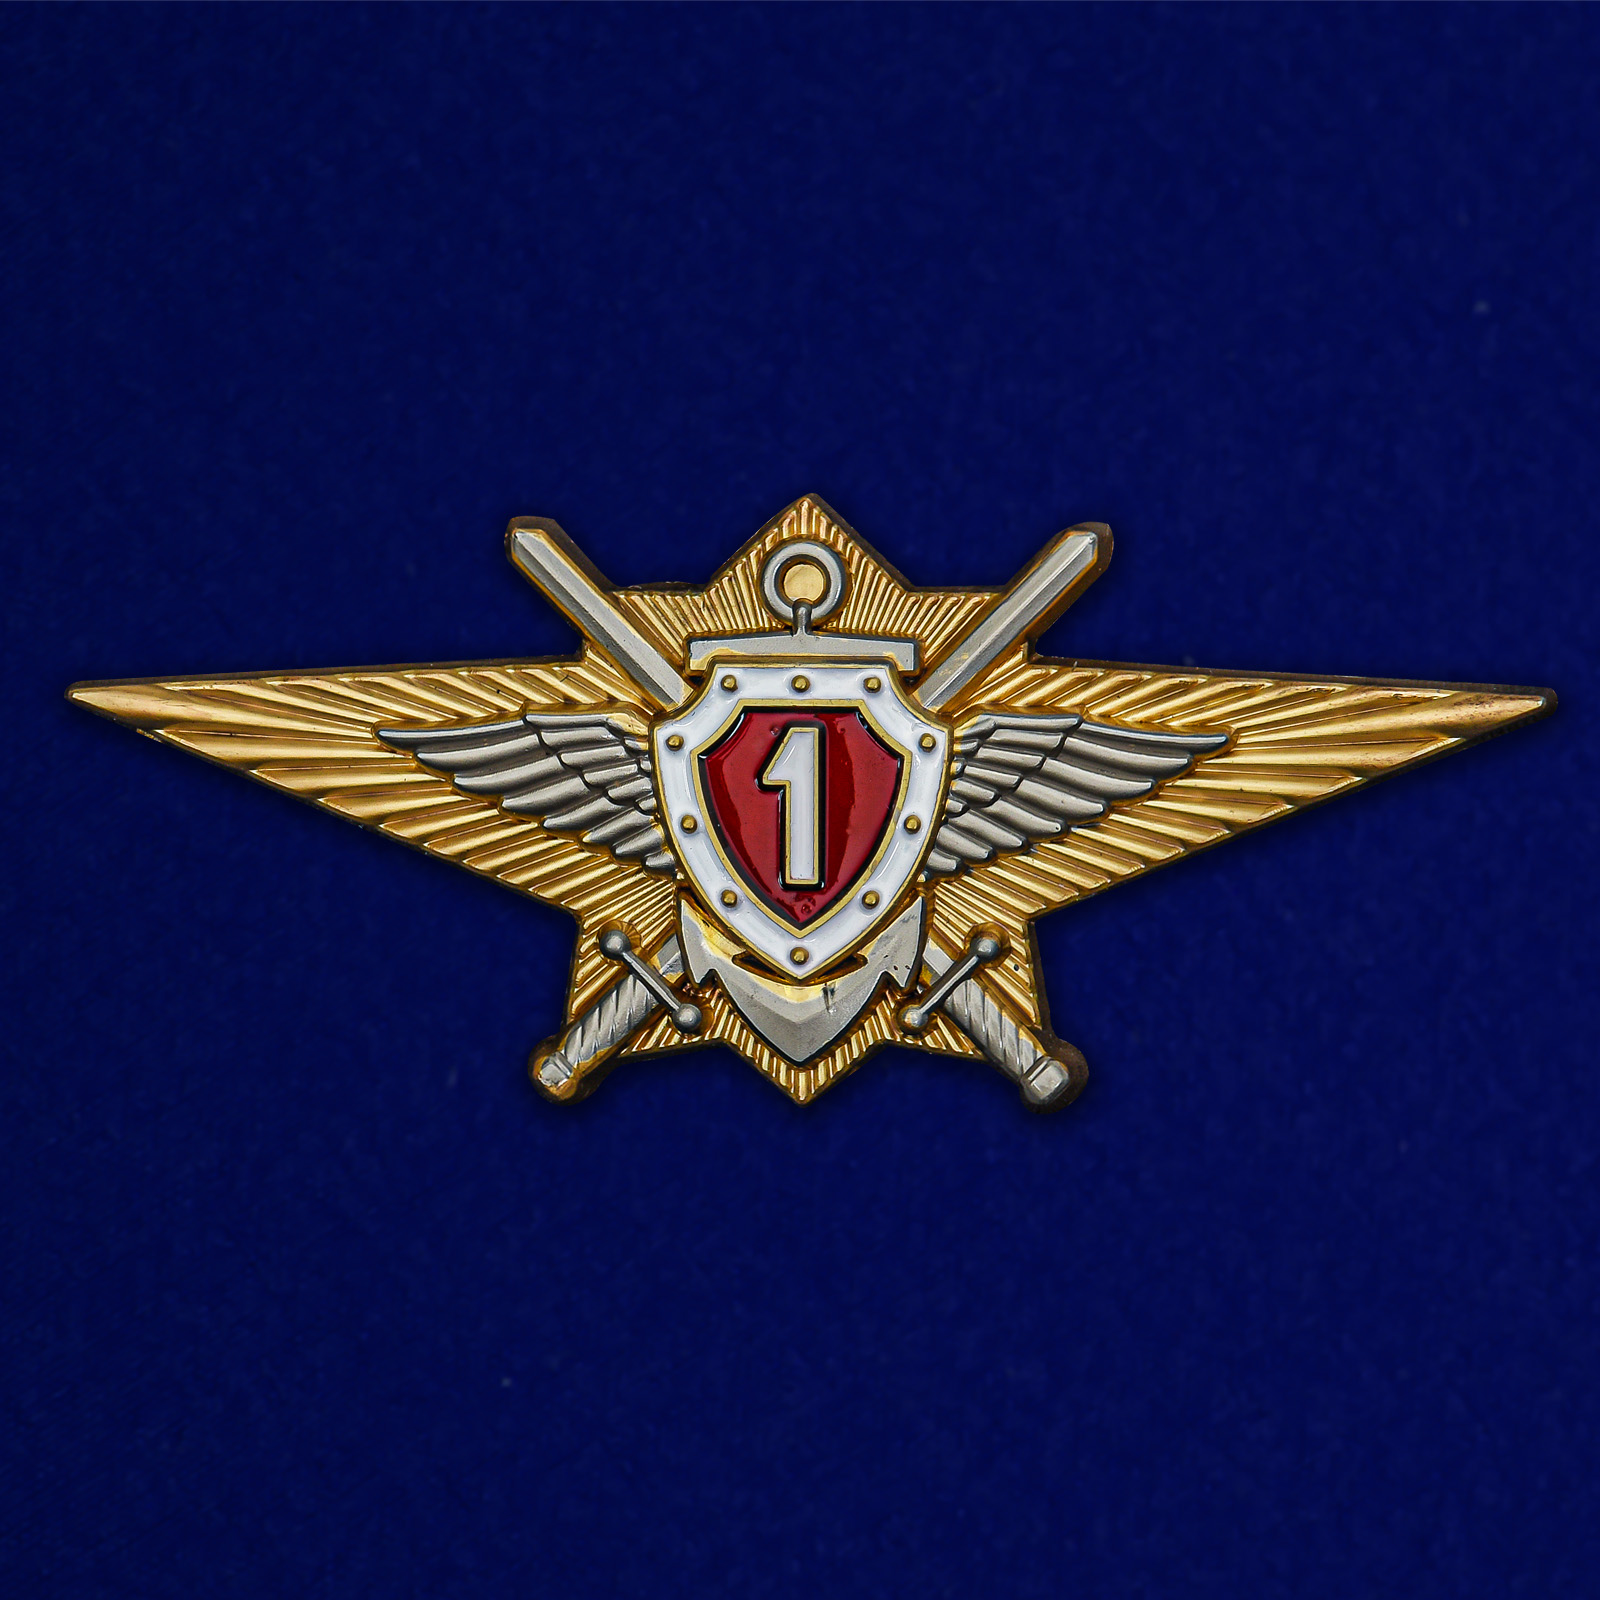 Латунный знак Росгвардии Классная квалификация (специалист 1-го класса) - общий вид